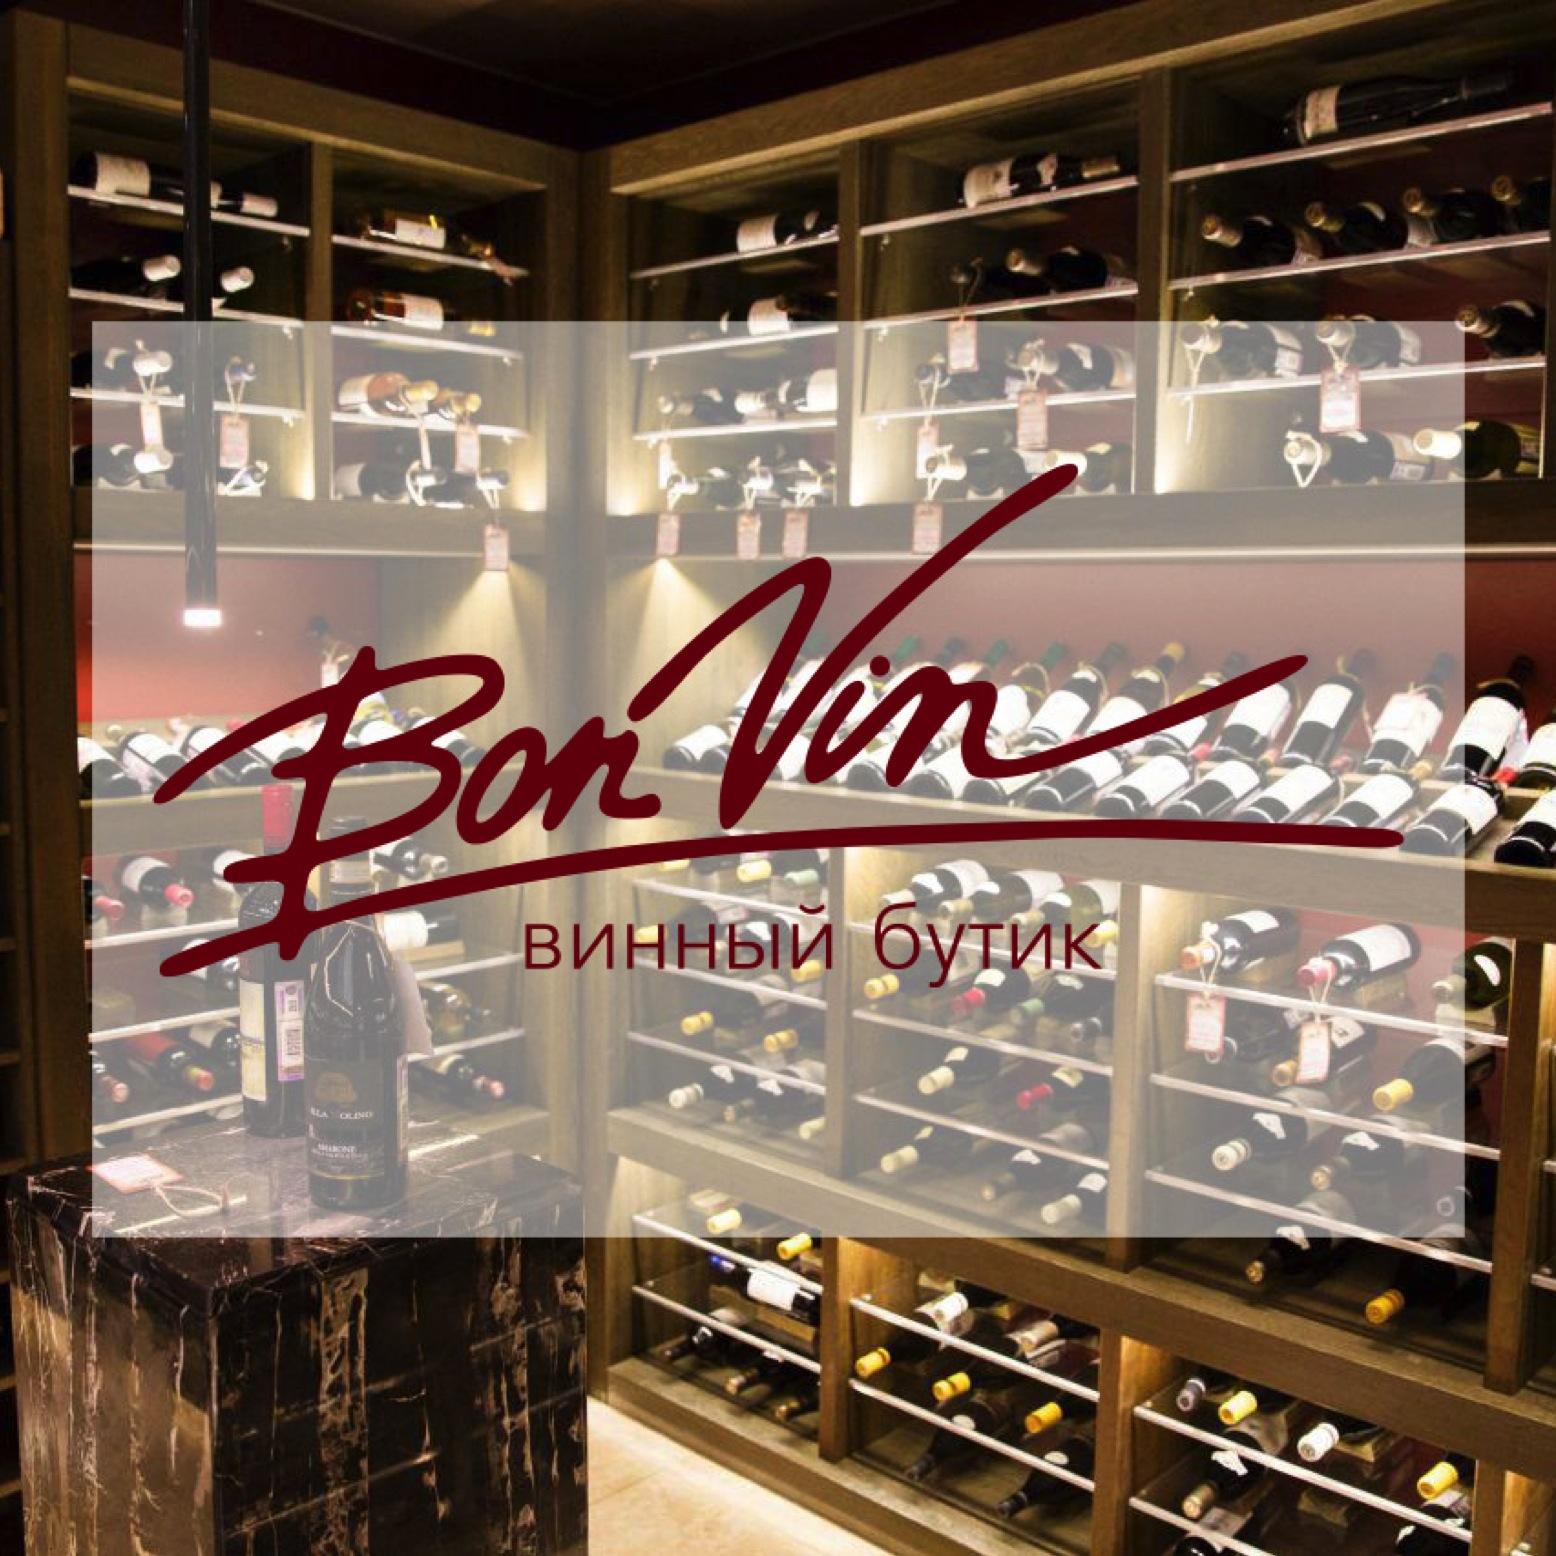 Винный бутик Бон Вин